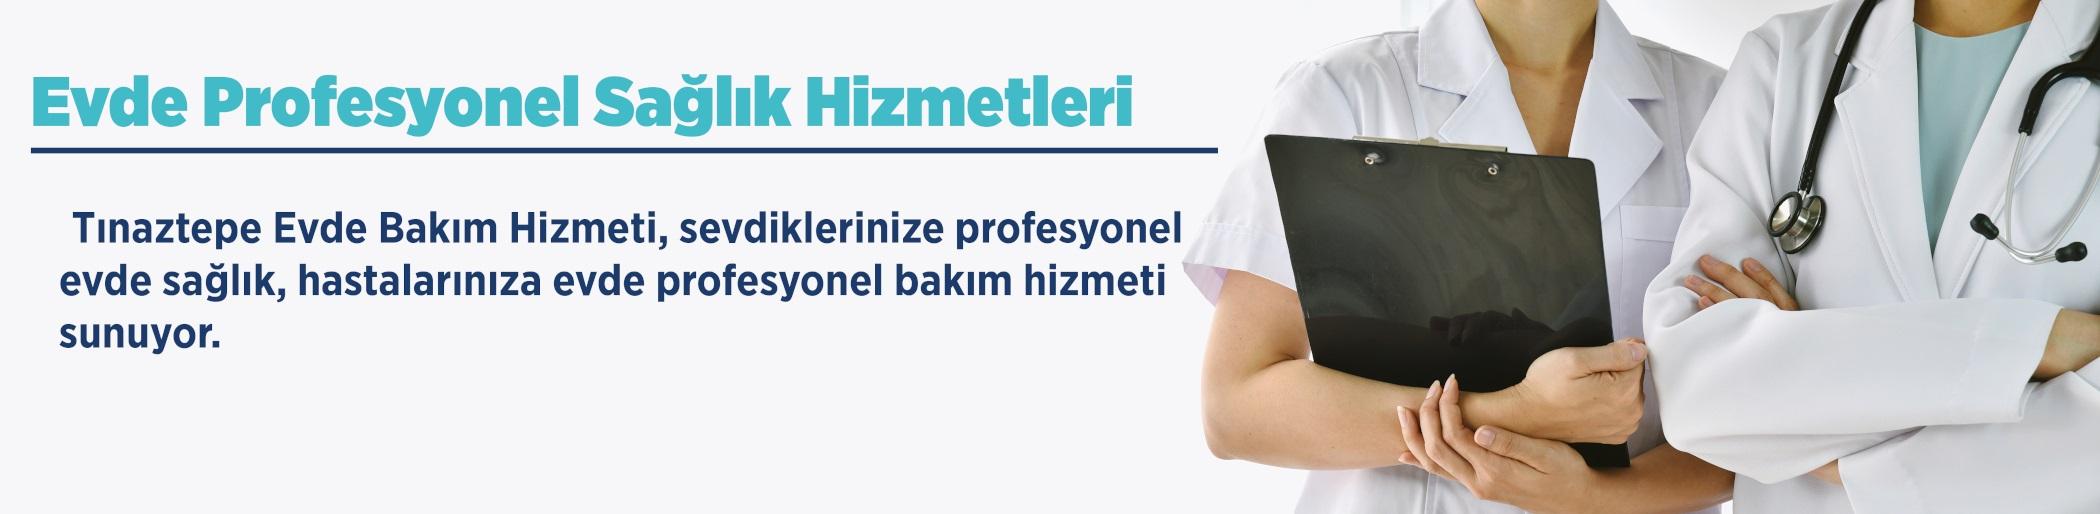 Evde Profesyonel Sağlık Hizmetleri